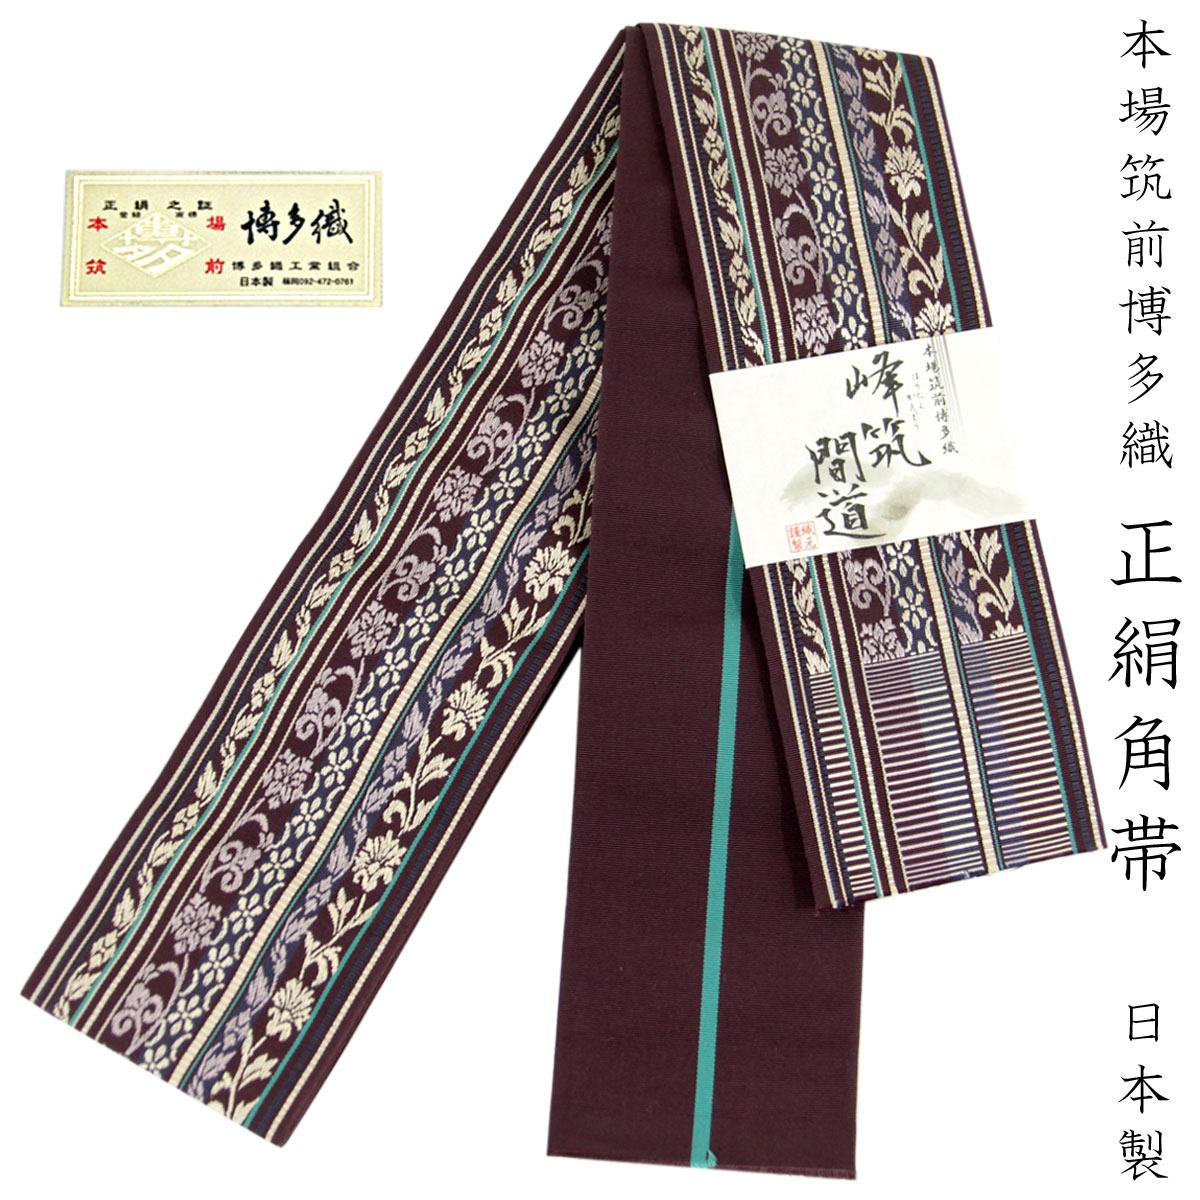 角帯 正絹 -58- 博多帯 長尺 男帯 浴衣帯 絹100% 日本製 峰筑間道 海老茶色